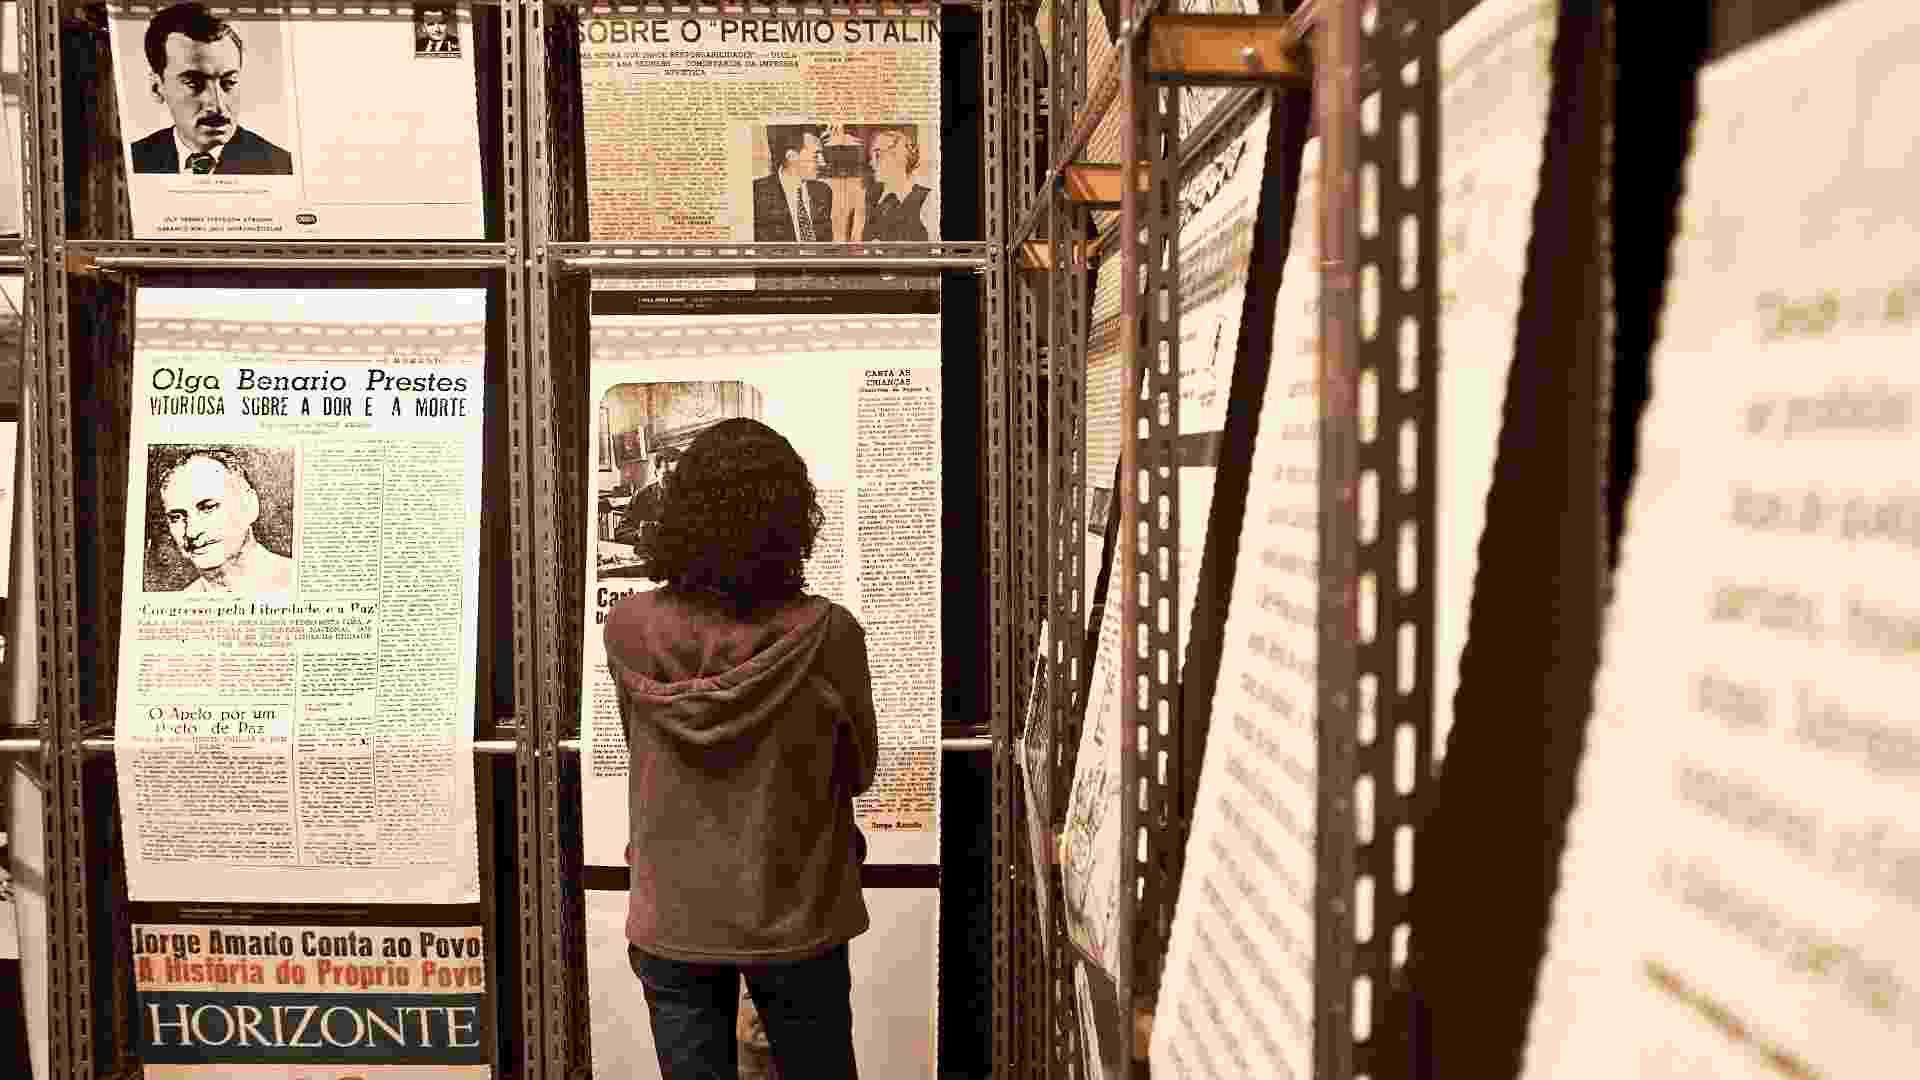 """Visitante vê recortes de jornais com notícias sobre Jorge Amado na exposição que reúne obra do autor no Museu da Língua Portuguesa. """"Jorge Amado e Universal"""" fica em cartaz em São Paulo até 22 de julho - Lucas Lima/UOL"""